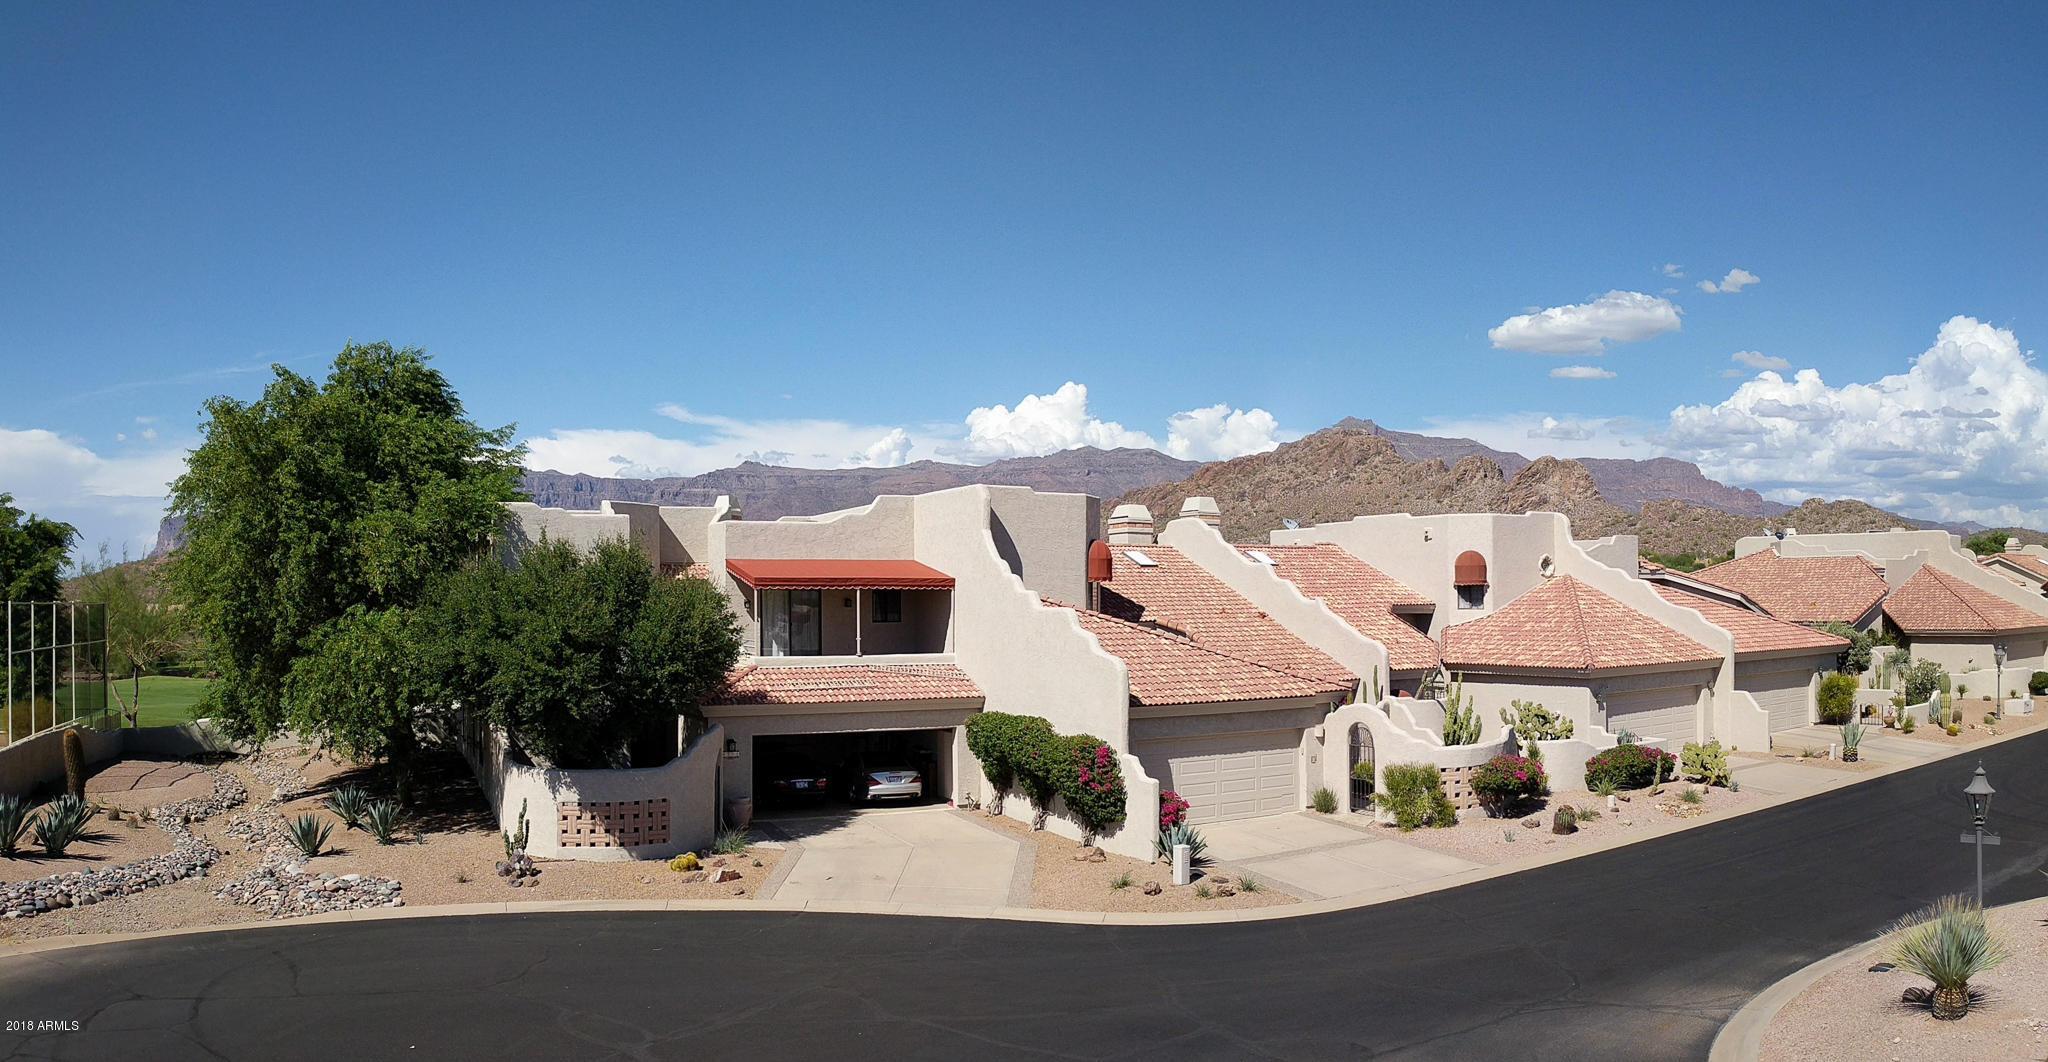 MLS 5815576 6132 S Fairway Place, Gold Canyon, AZ 85118 Gold Canyon AZ Condo or Townhome